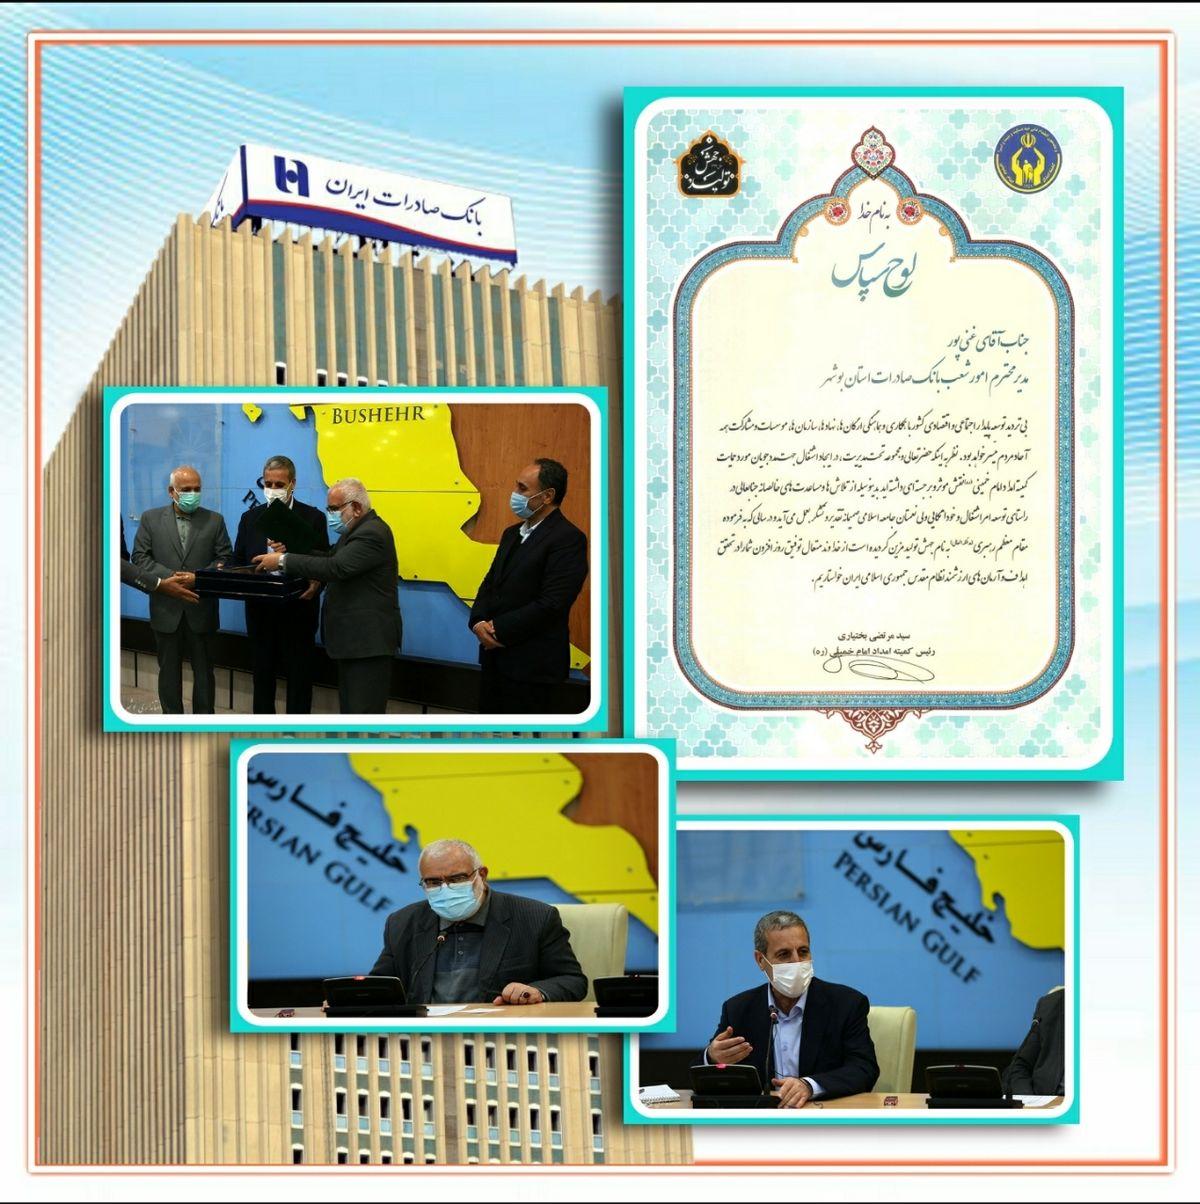 کمیته امداد بانک صادرات ایران